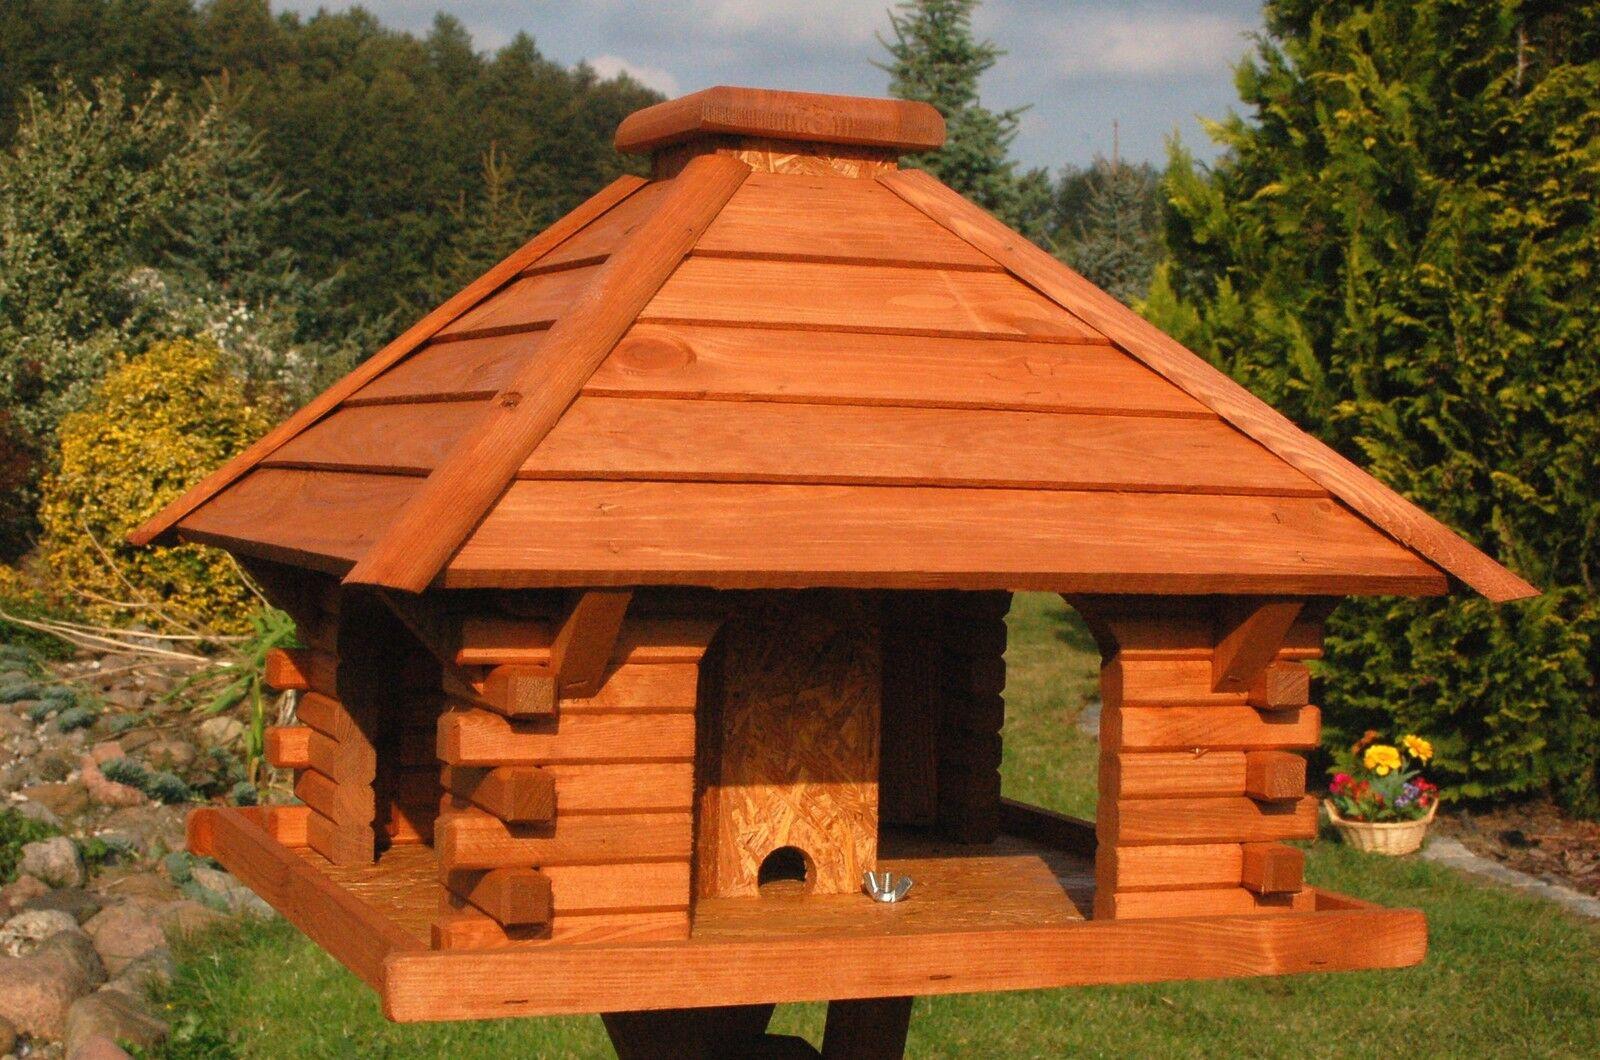 Fodera massiccio casa, casetta, Uccello Villa, Uccelli Casetta, case di uccelli nr20